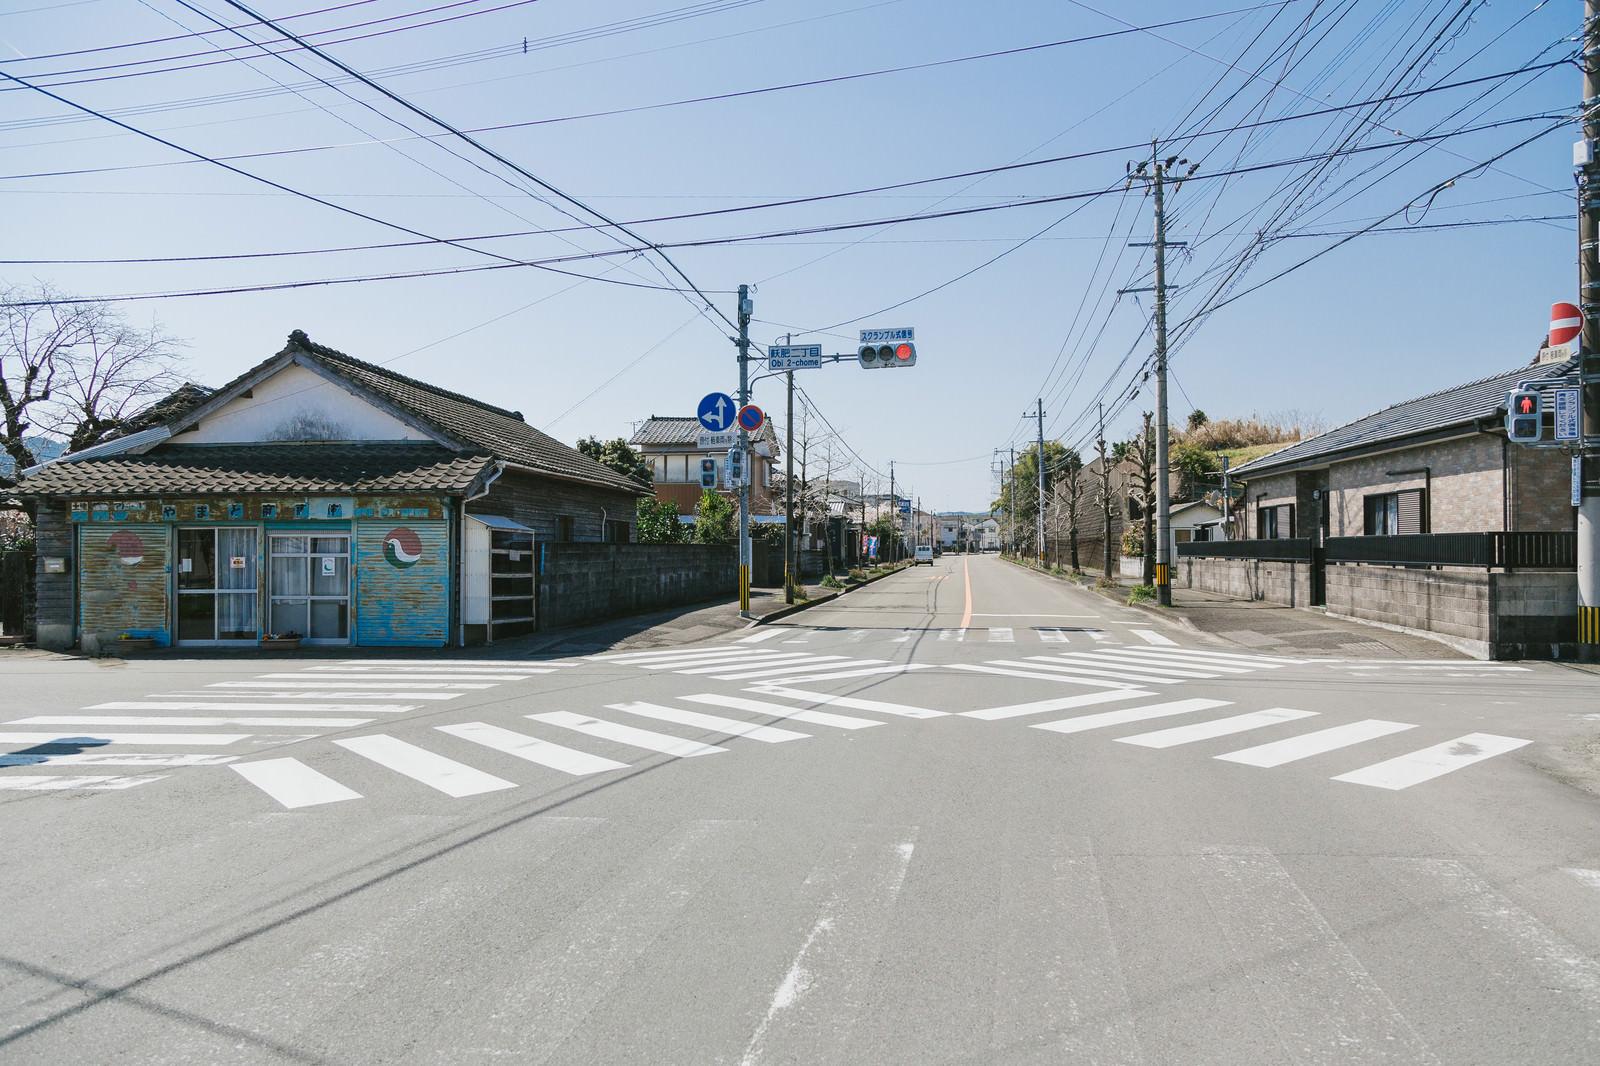 「日本で1番小さいスクランブル交差点(飫肥二丁目)日本で1番小さいスクランブル交差点(飫肥二丁目)」のフリー写真素材を拡大